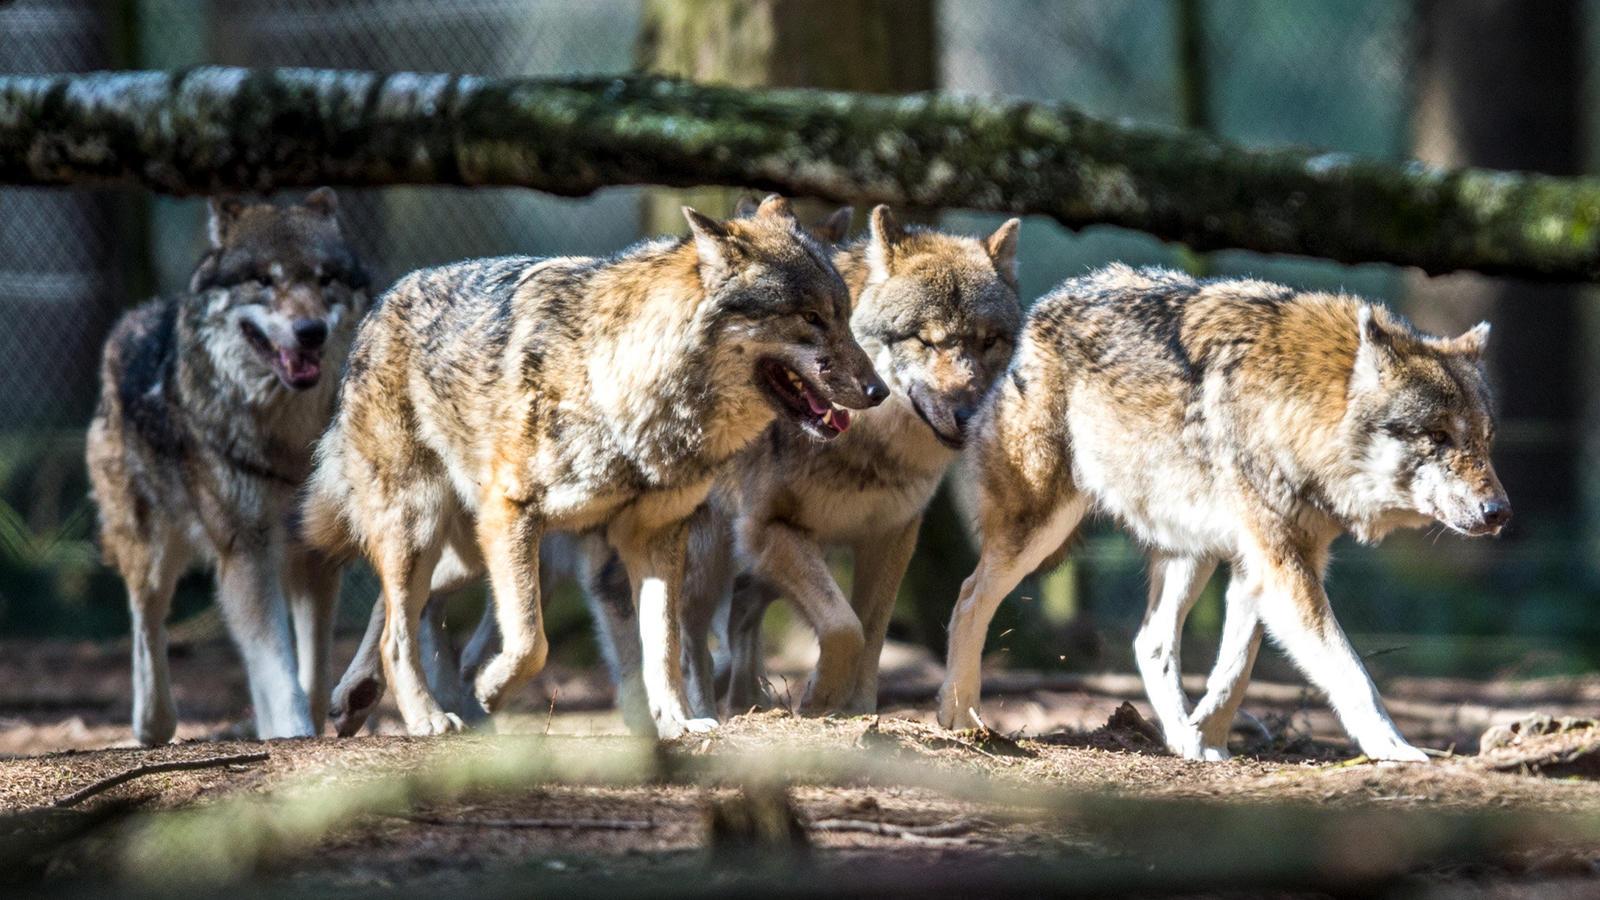 Bildergebnis für wölfe hackländer daim miller